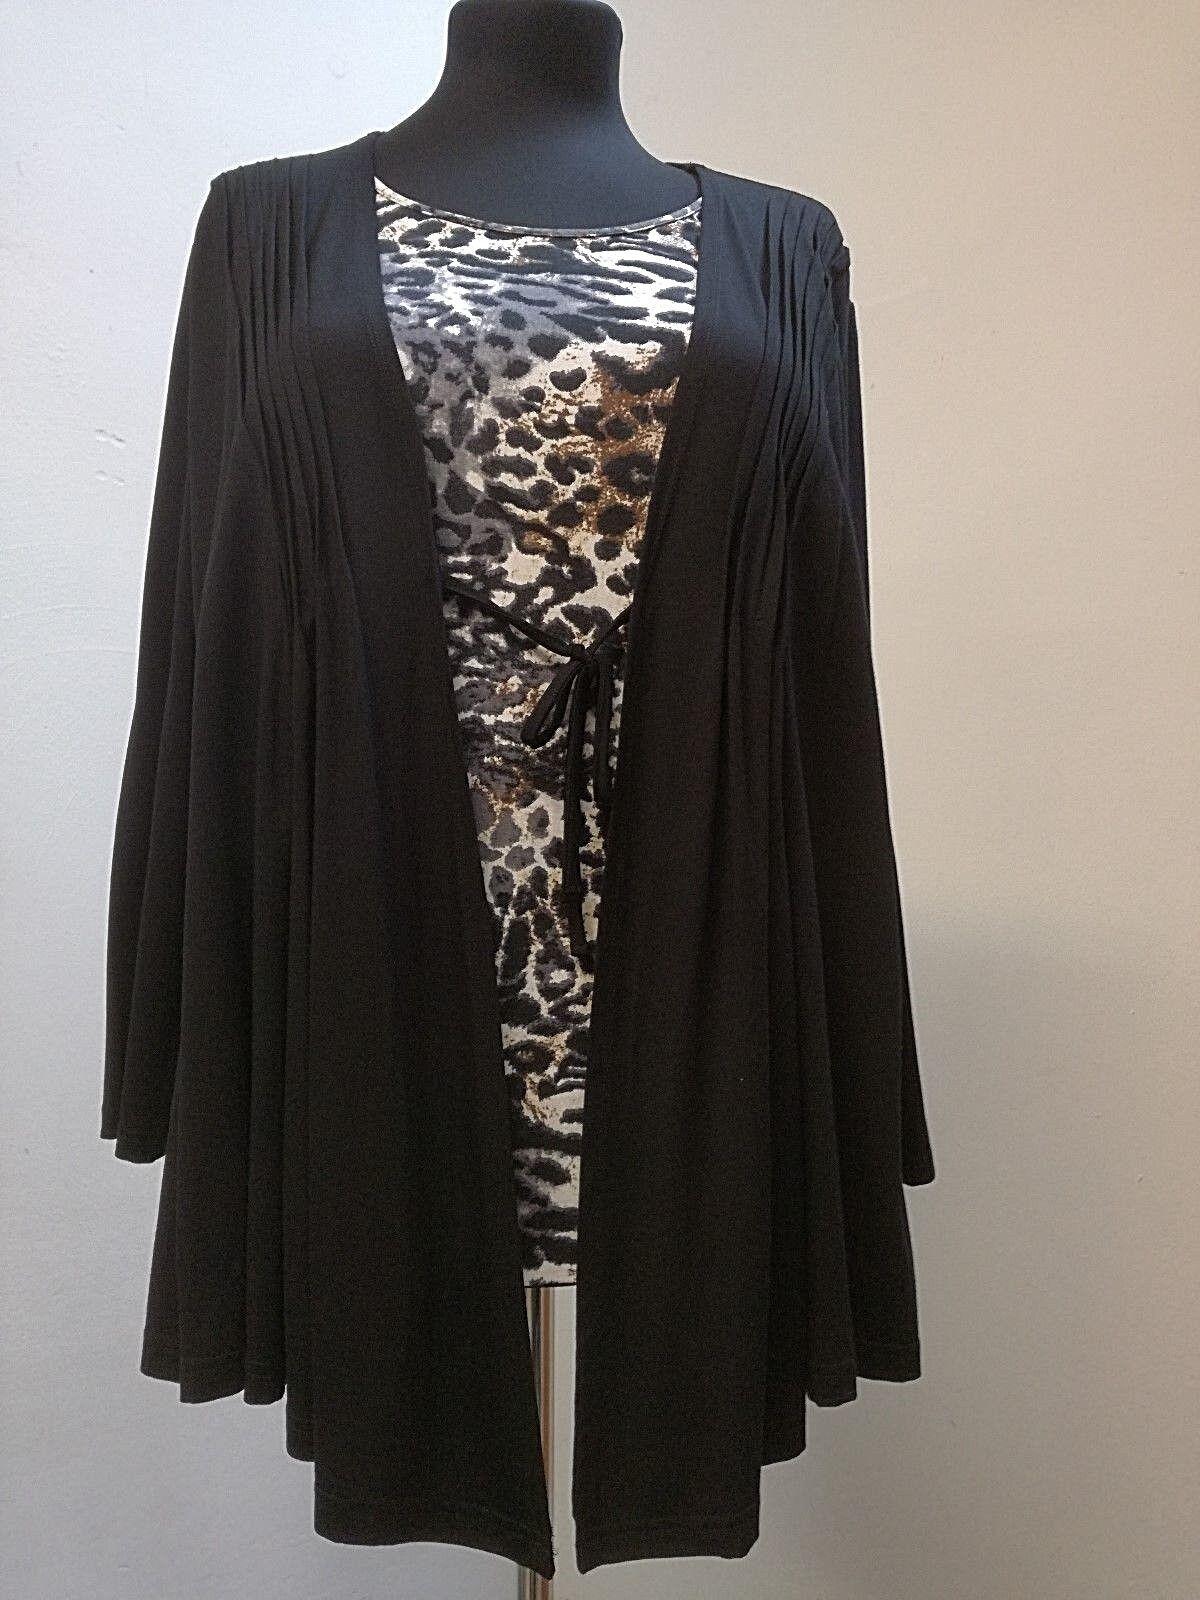 Shirt-two in one-Druckeinsatz-Damen HEGLER Mode, Bindeband, locker fallend